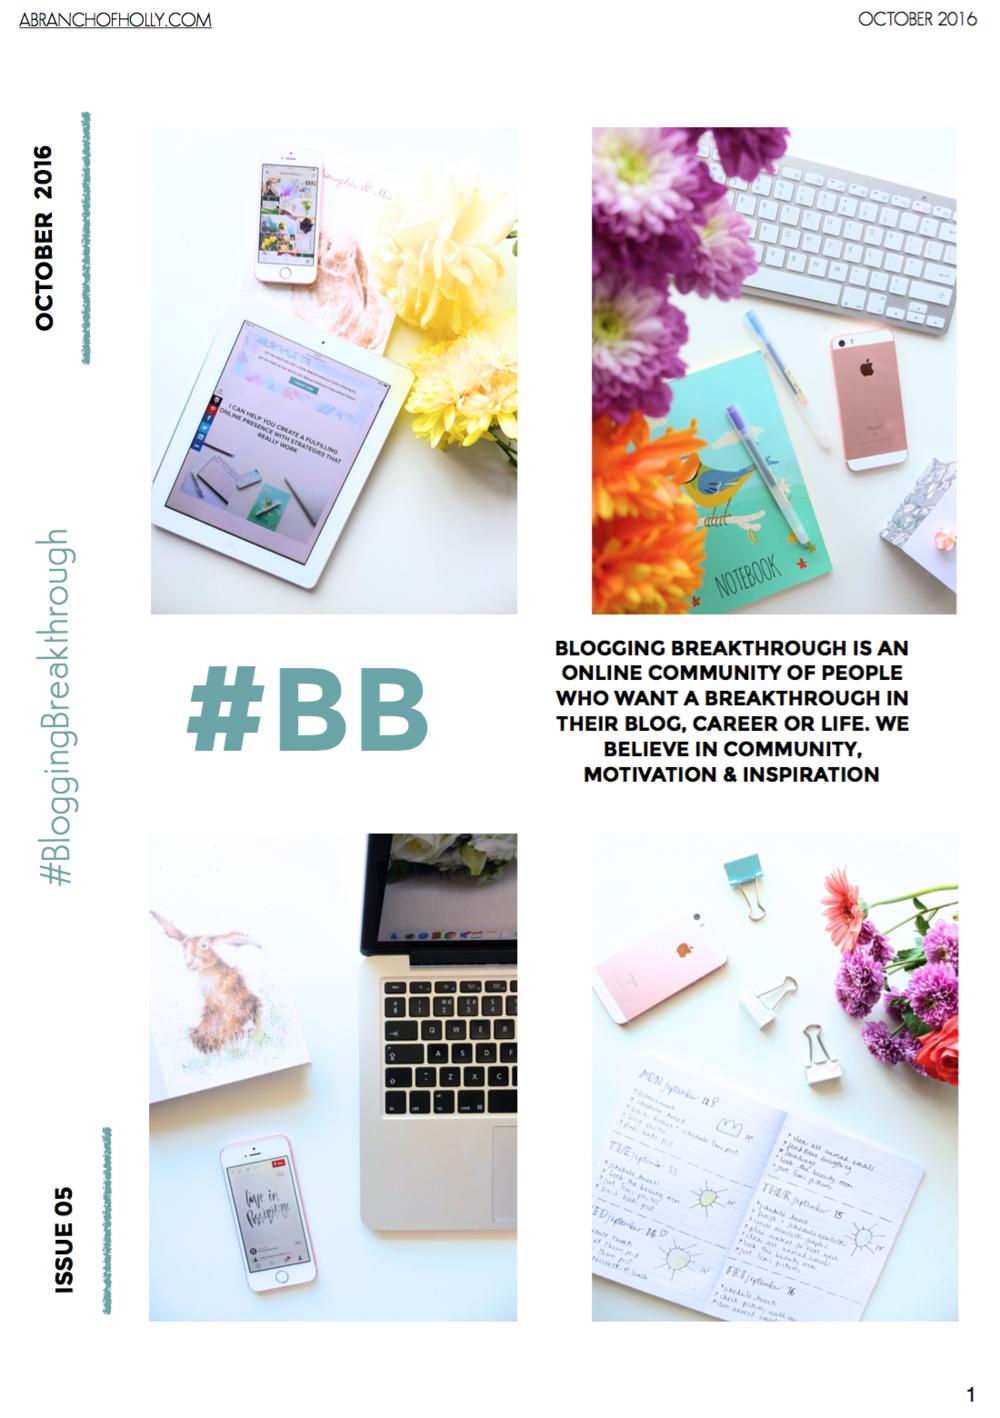 blogging breakthrough otober 2016 issue 05